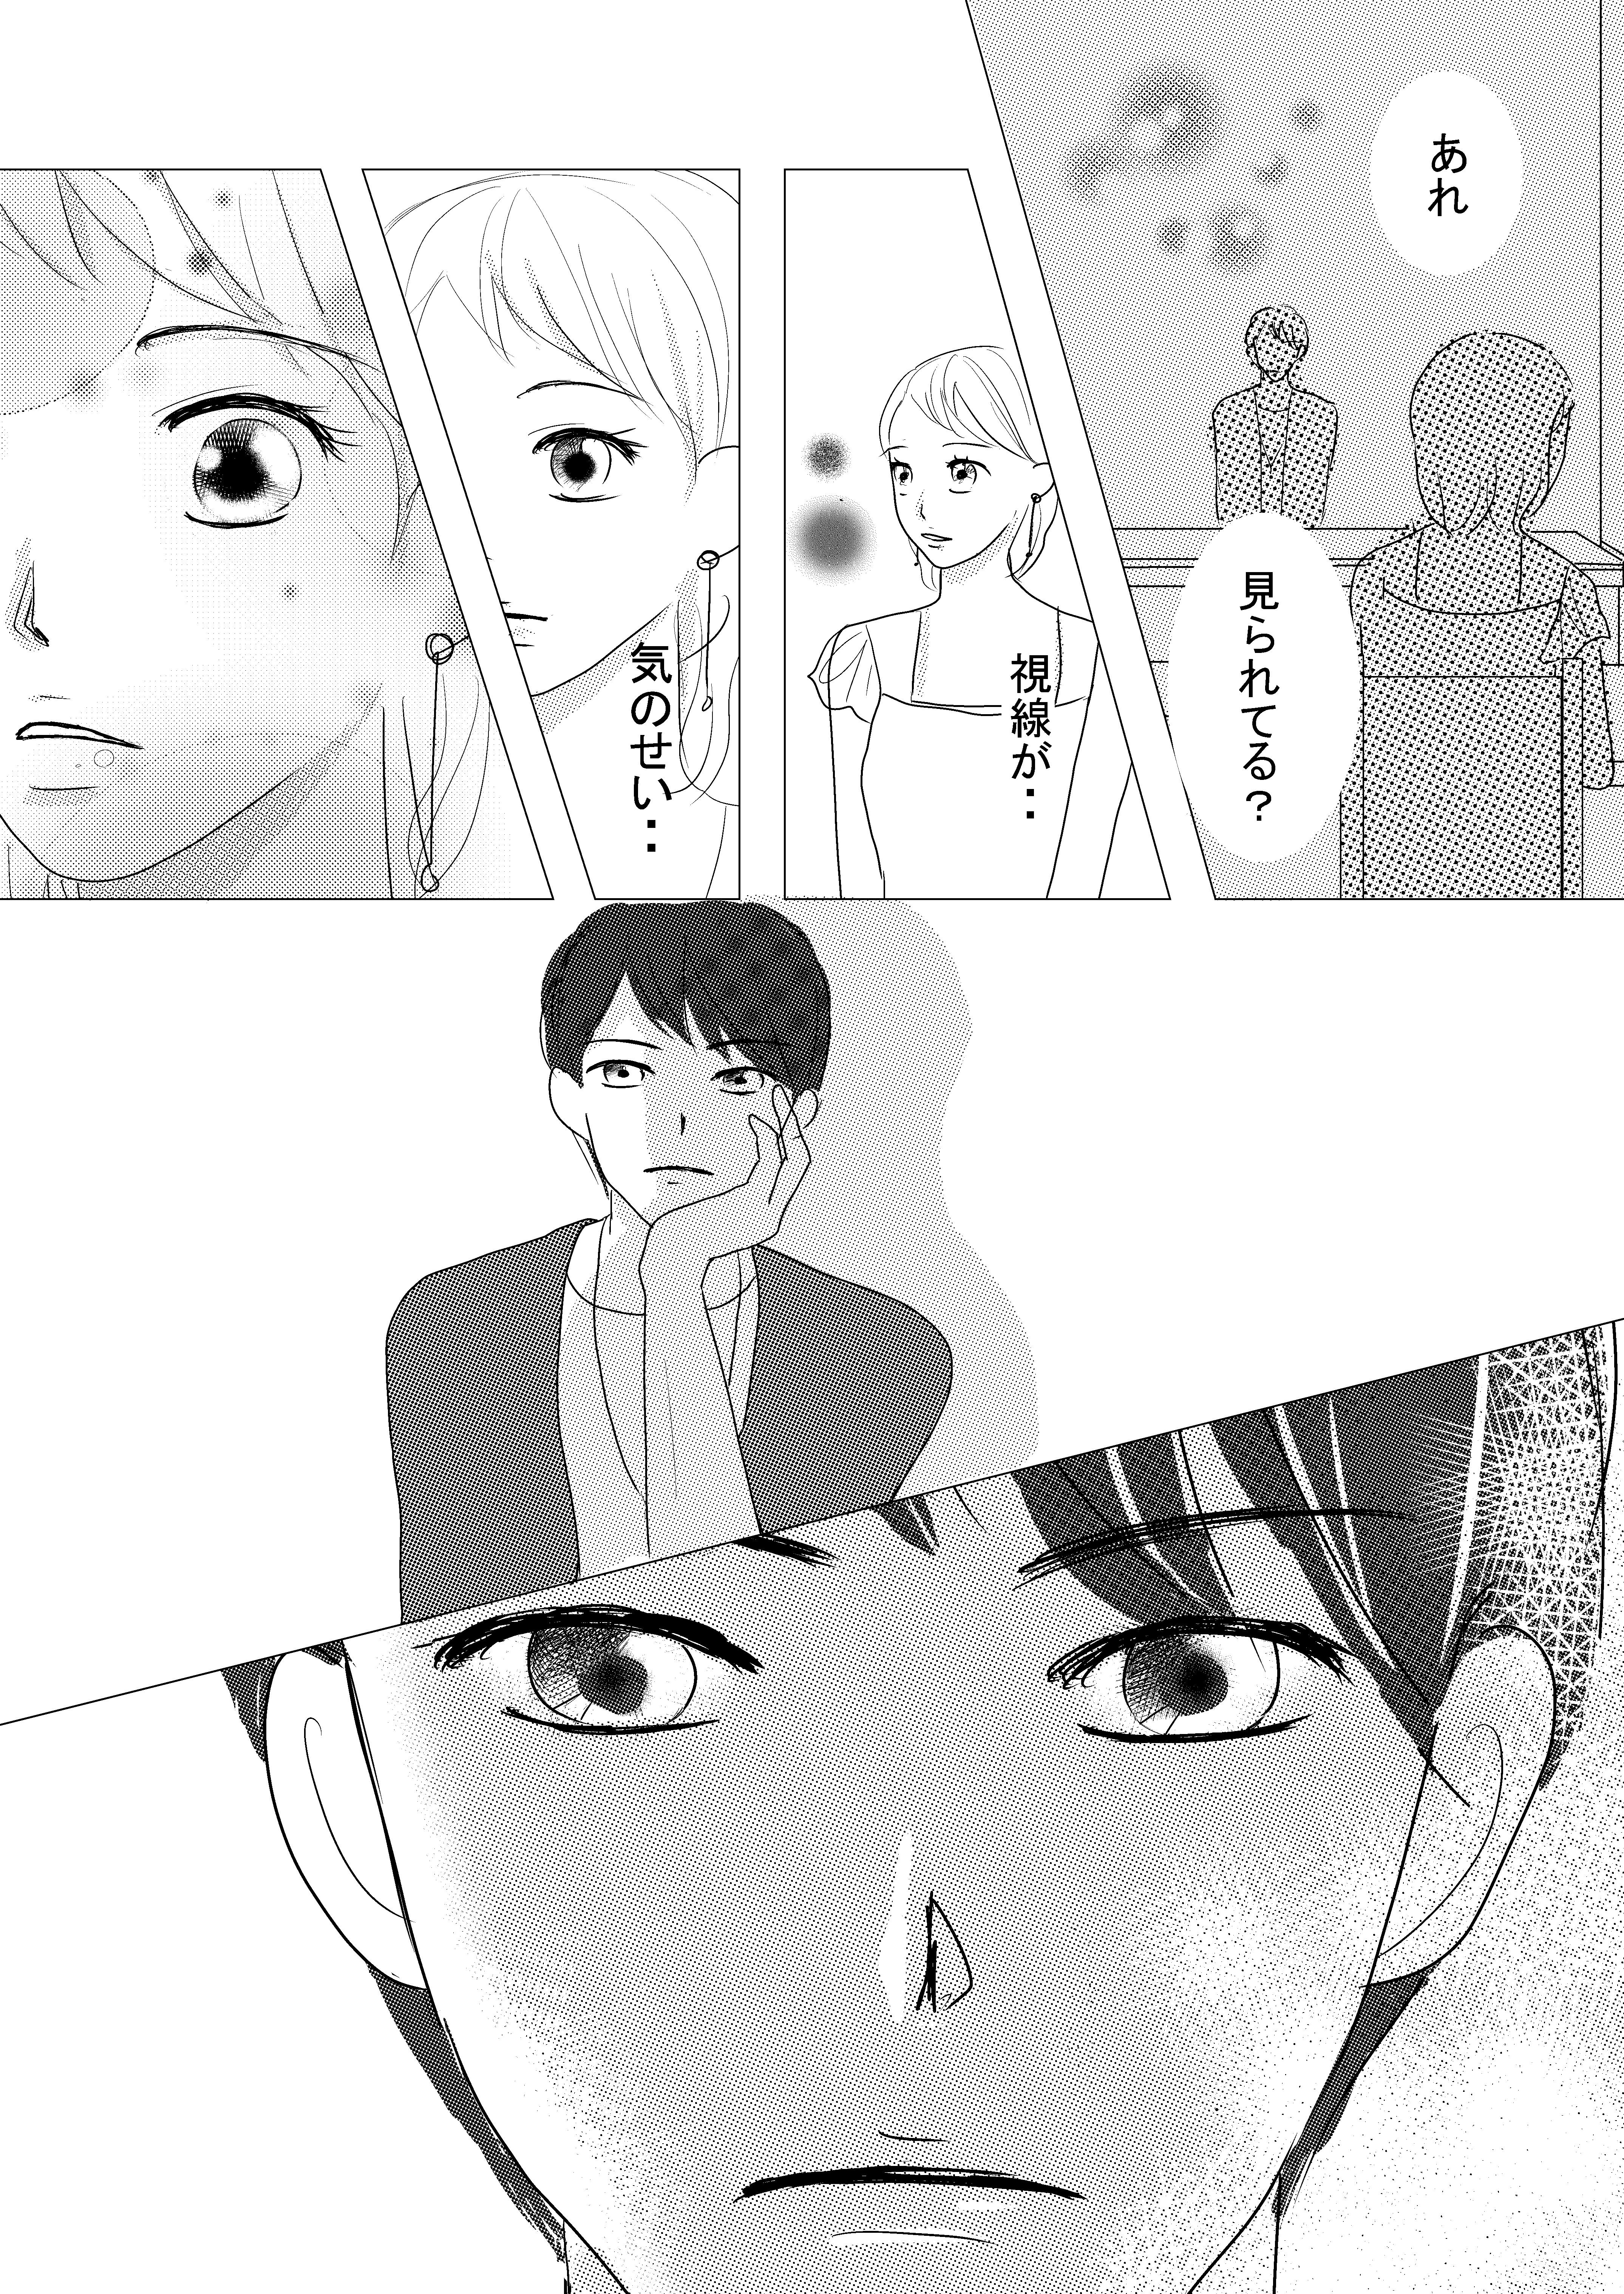 恋愛漫画/イケメン/大学生/社会人/大学生で初めて付き合う/初めての彼氏/shoujyo manga/米加夢/62ページ